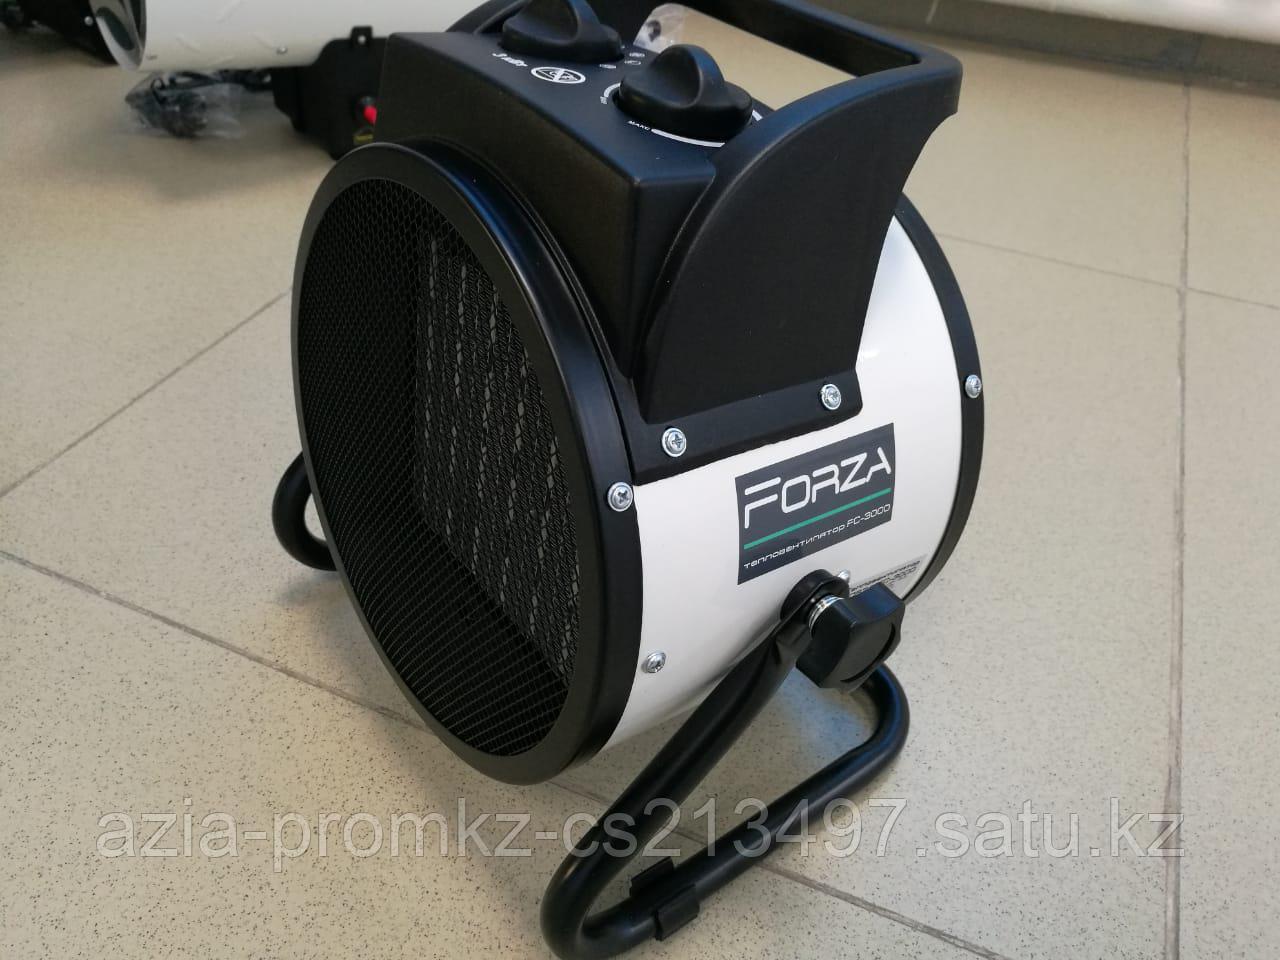 Тепловентилятор FC 3000